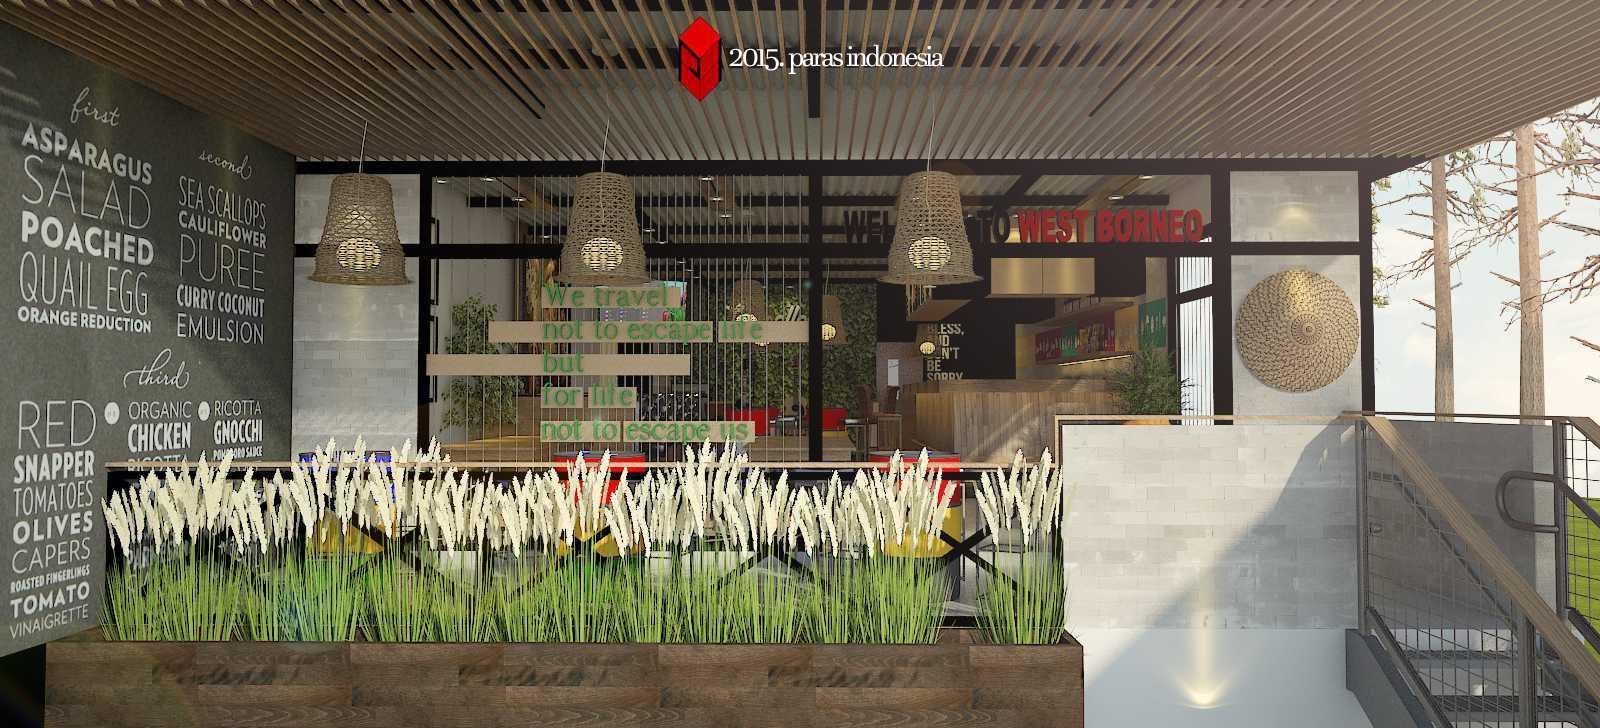 Andreas Fajar Ismunanto Travel Cafe Kabupaten Sintang, Kalimantan Barat, Indonesia Kabupaten Sintang, Kalimantan Barat, Indonesia Cafe-Sintang-Mr Minimalis,modern  38066